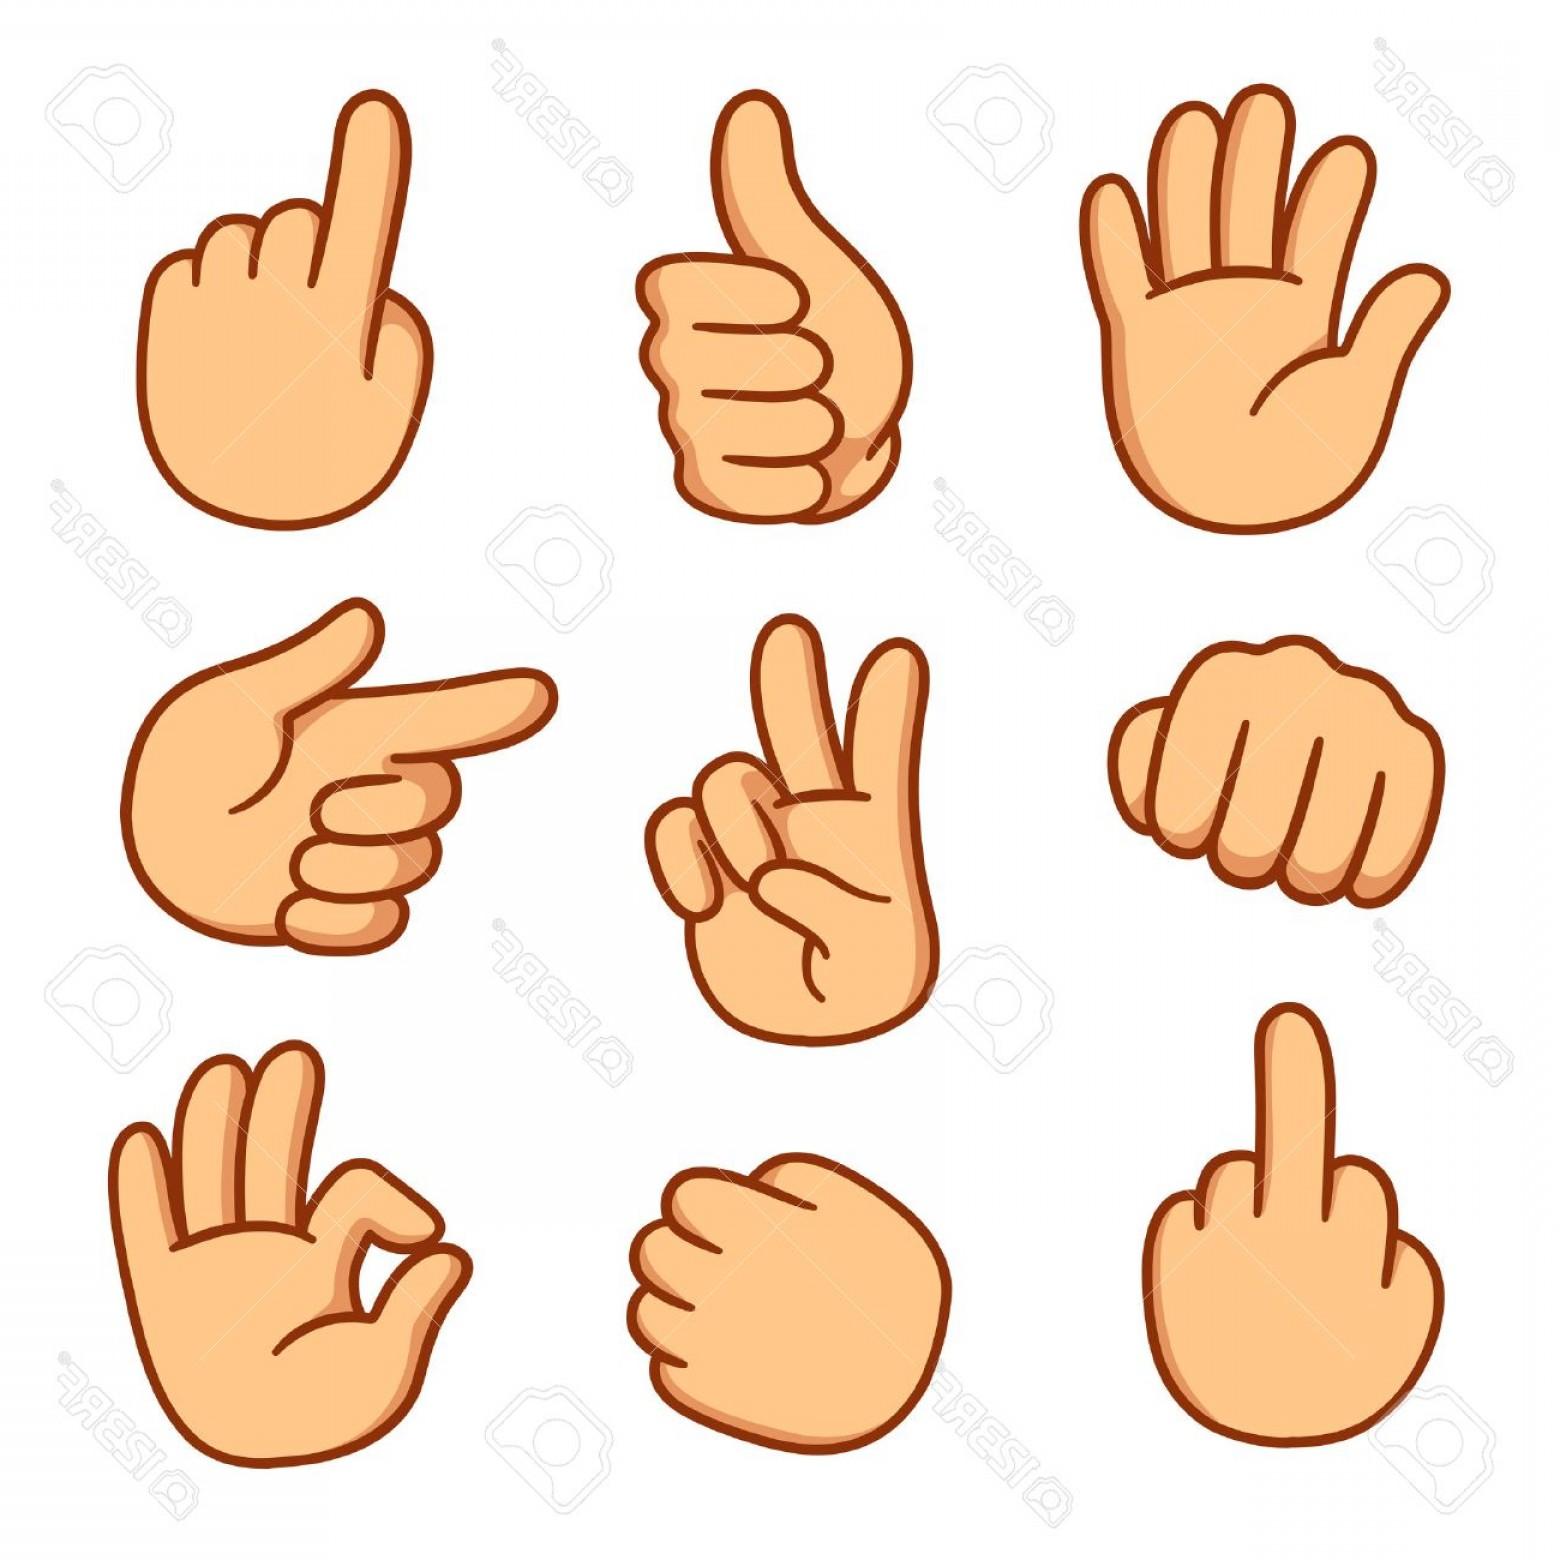 1560x1560 Photostock Vector Cartoon Hands Set Different Gestures Vector